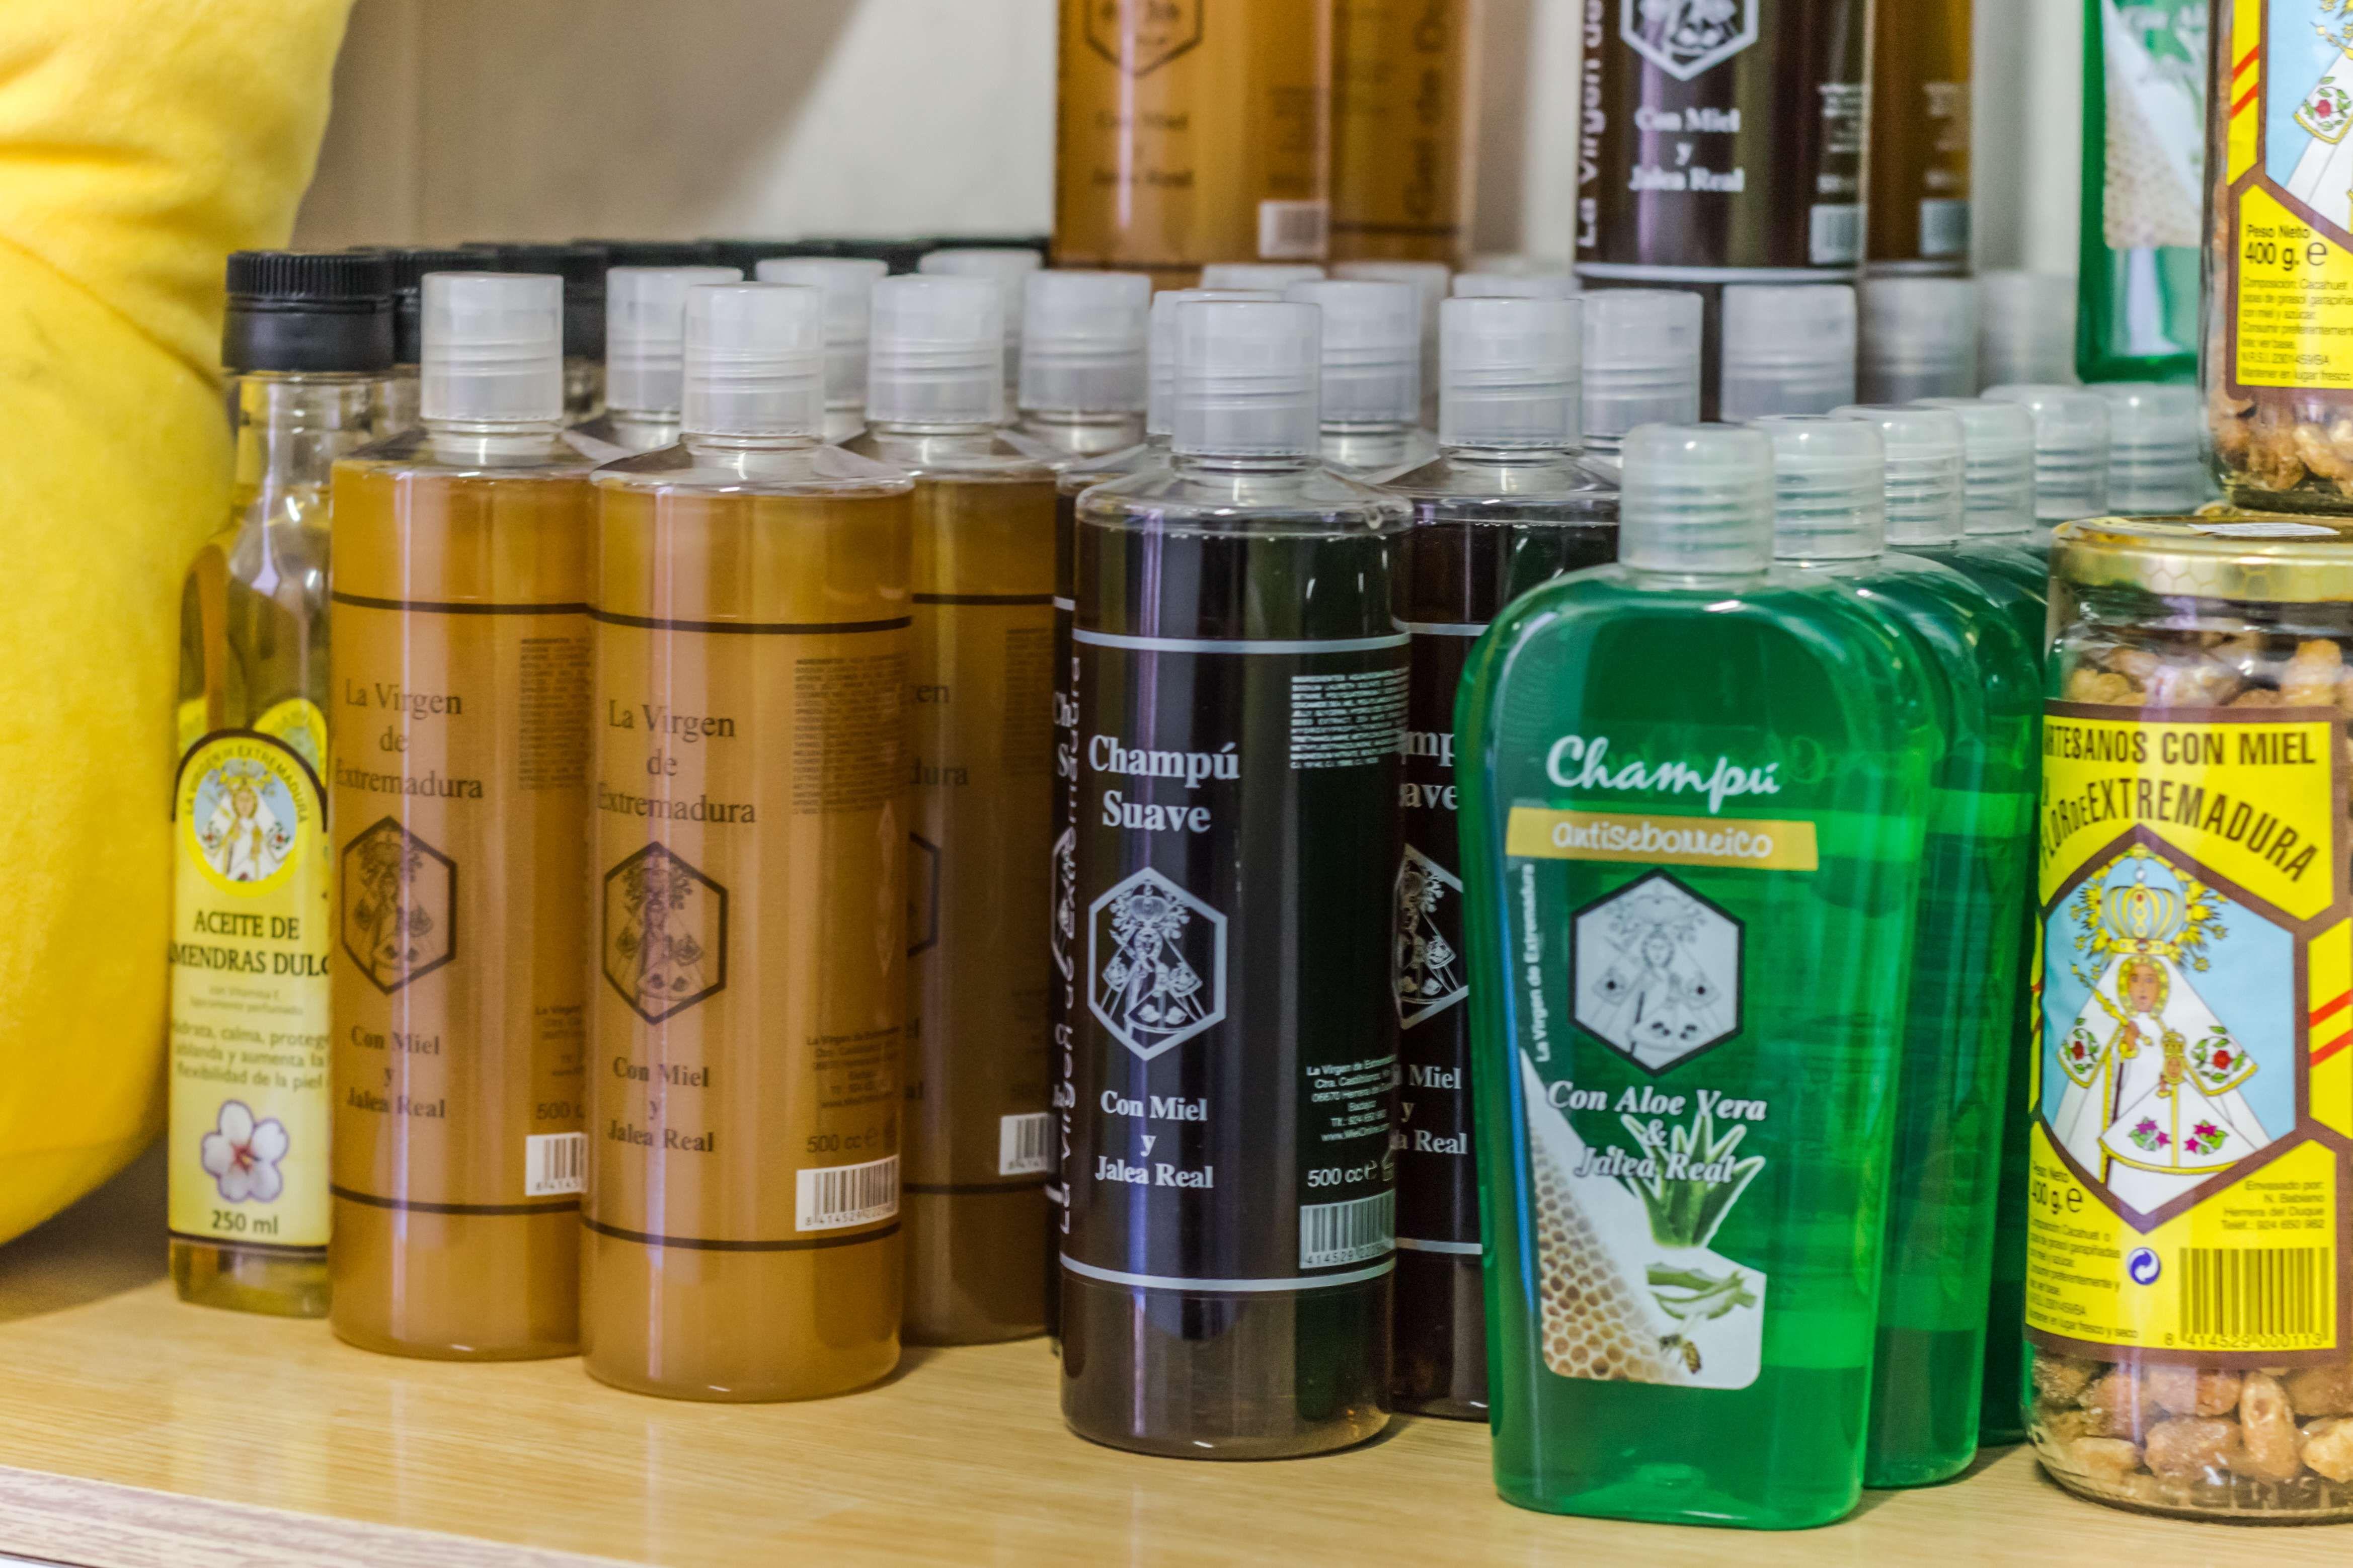 Foto 27 de Venta de miel, productos dietéticos y cosmética natural en Herrera del Duque | Miel Virgen de Extremadura